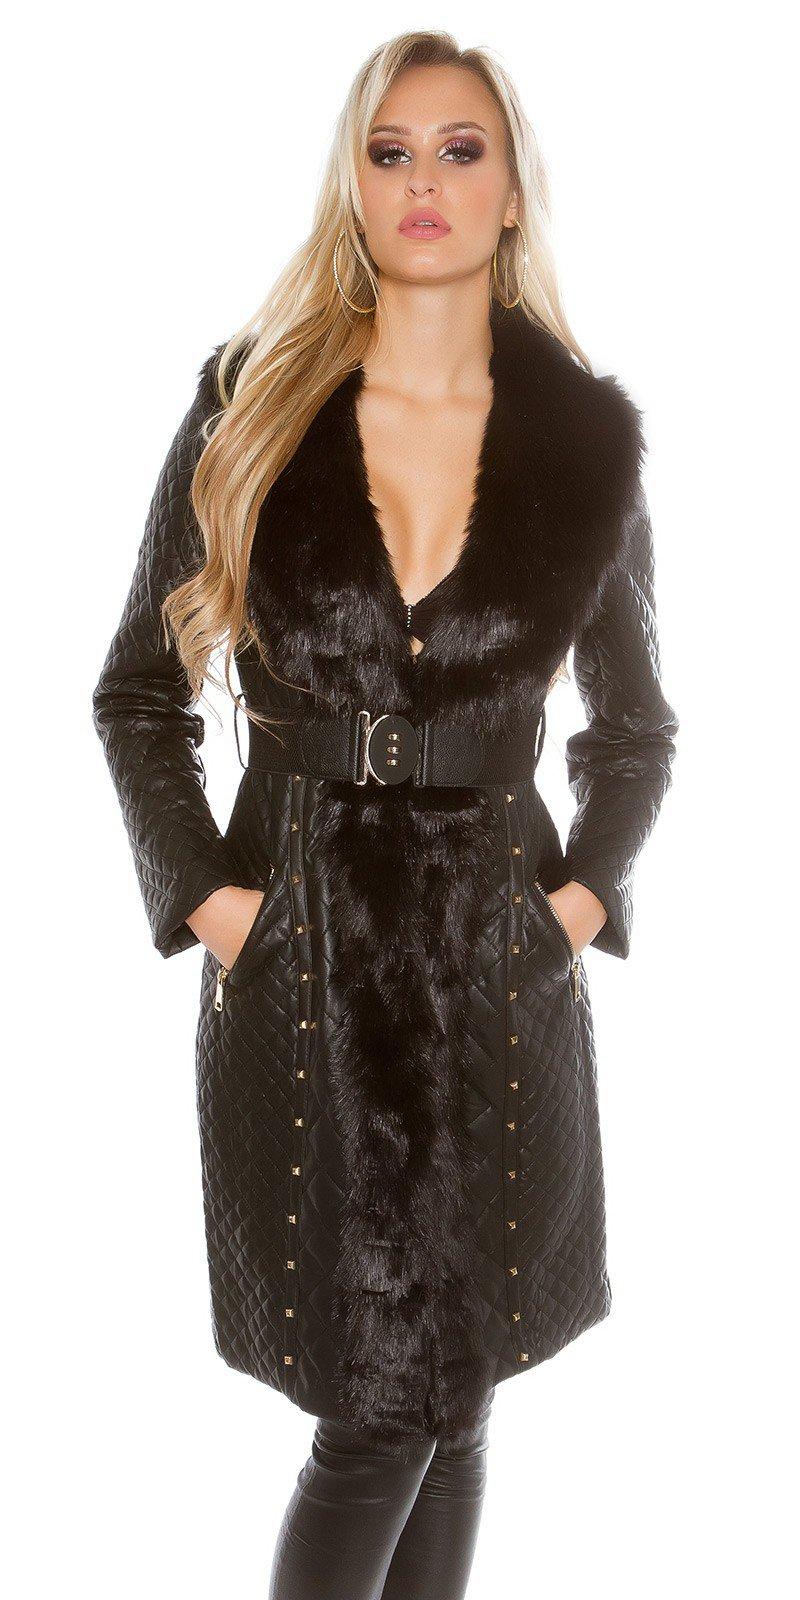 091428fe9e73 Dámsky čierny kabát koženého vzhľadu s umelou kožušinou a opaskom ...